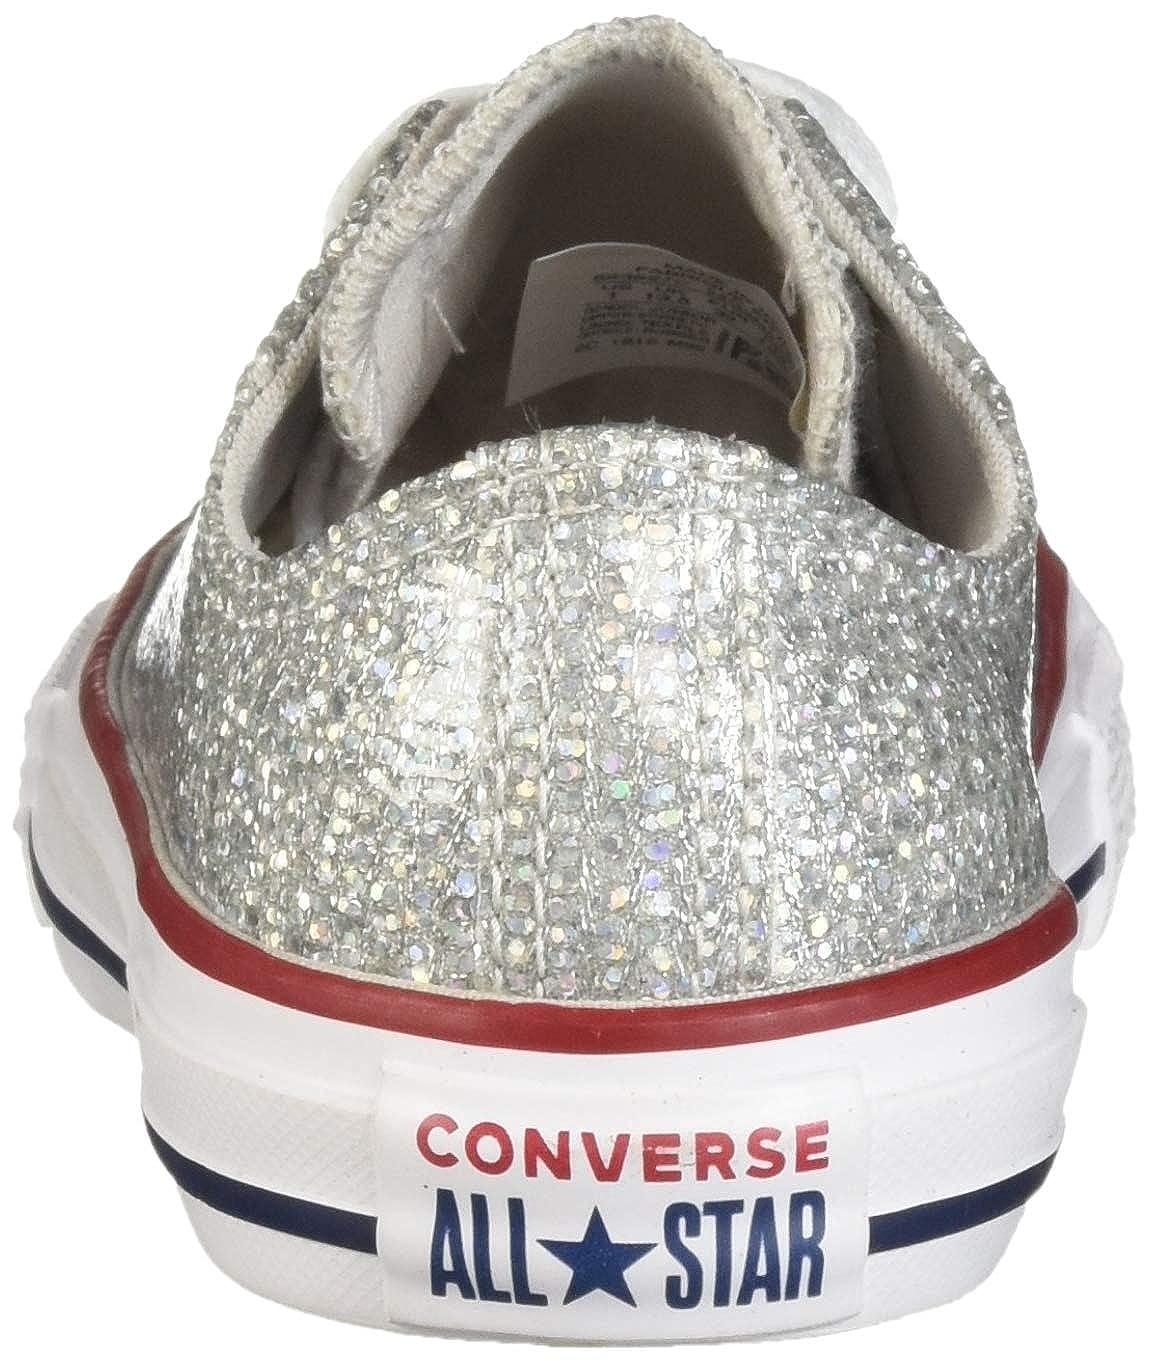 b850fa4841ce2 Converse Unisex-Kinder Chuck Taylor All Star Sneaker  Amazon.de  Schuhe    Handtaschen